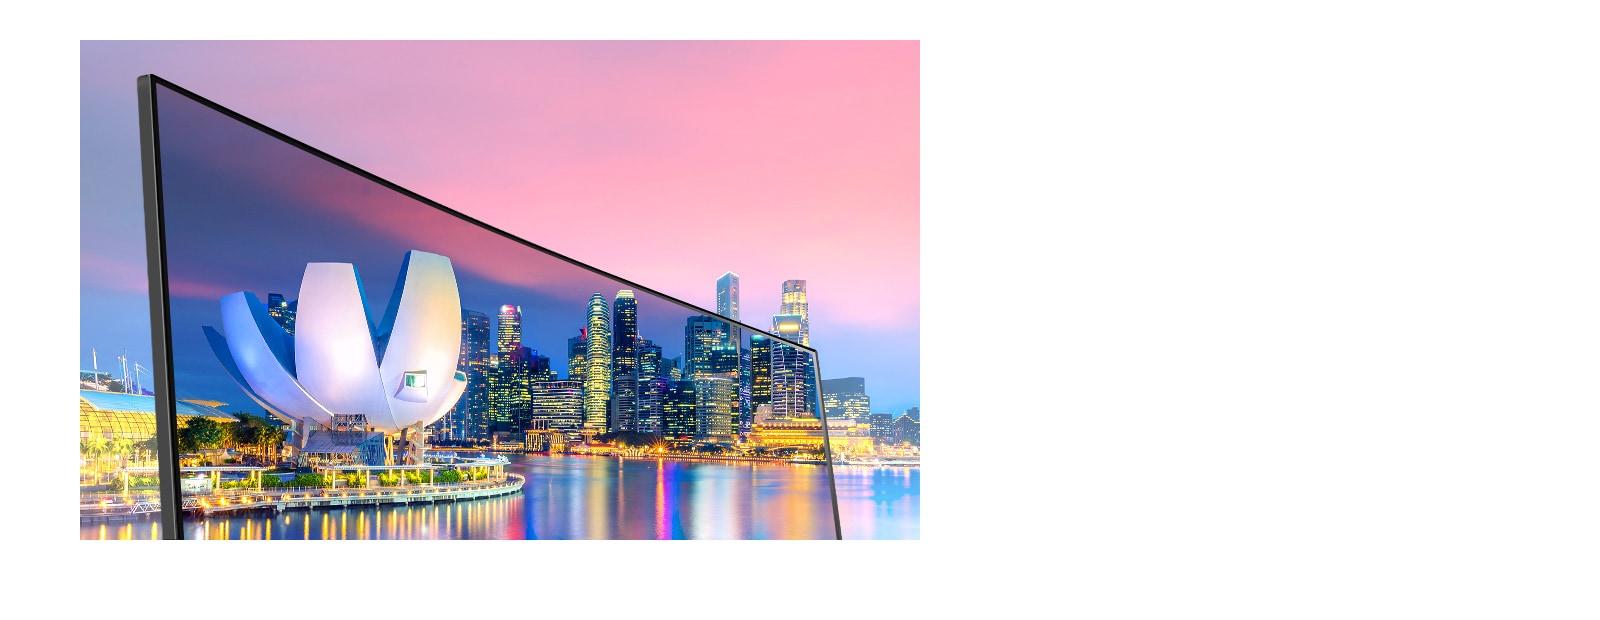 IPS với sRGB 99% (Điển hình): Màu sắc trung thực và góc nhìn rộng